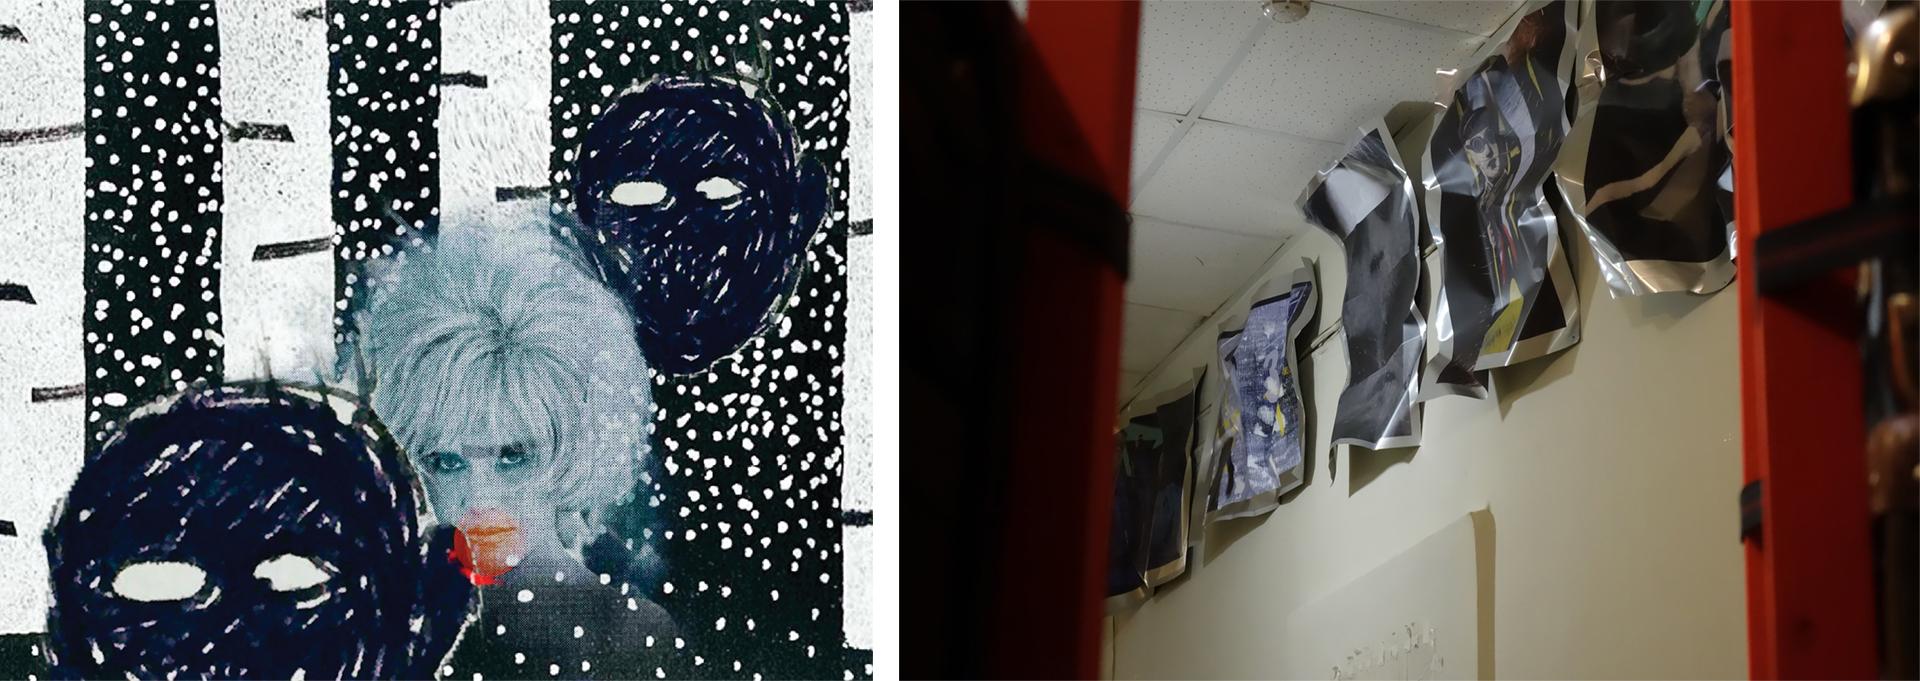 Арт-группа BERTOLLO. АУ-У-У. Арт-объект из серии «Горящие туры». Фото: Елена Бертолло.